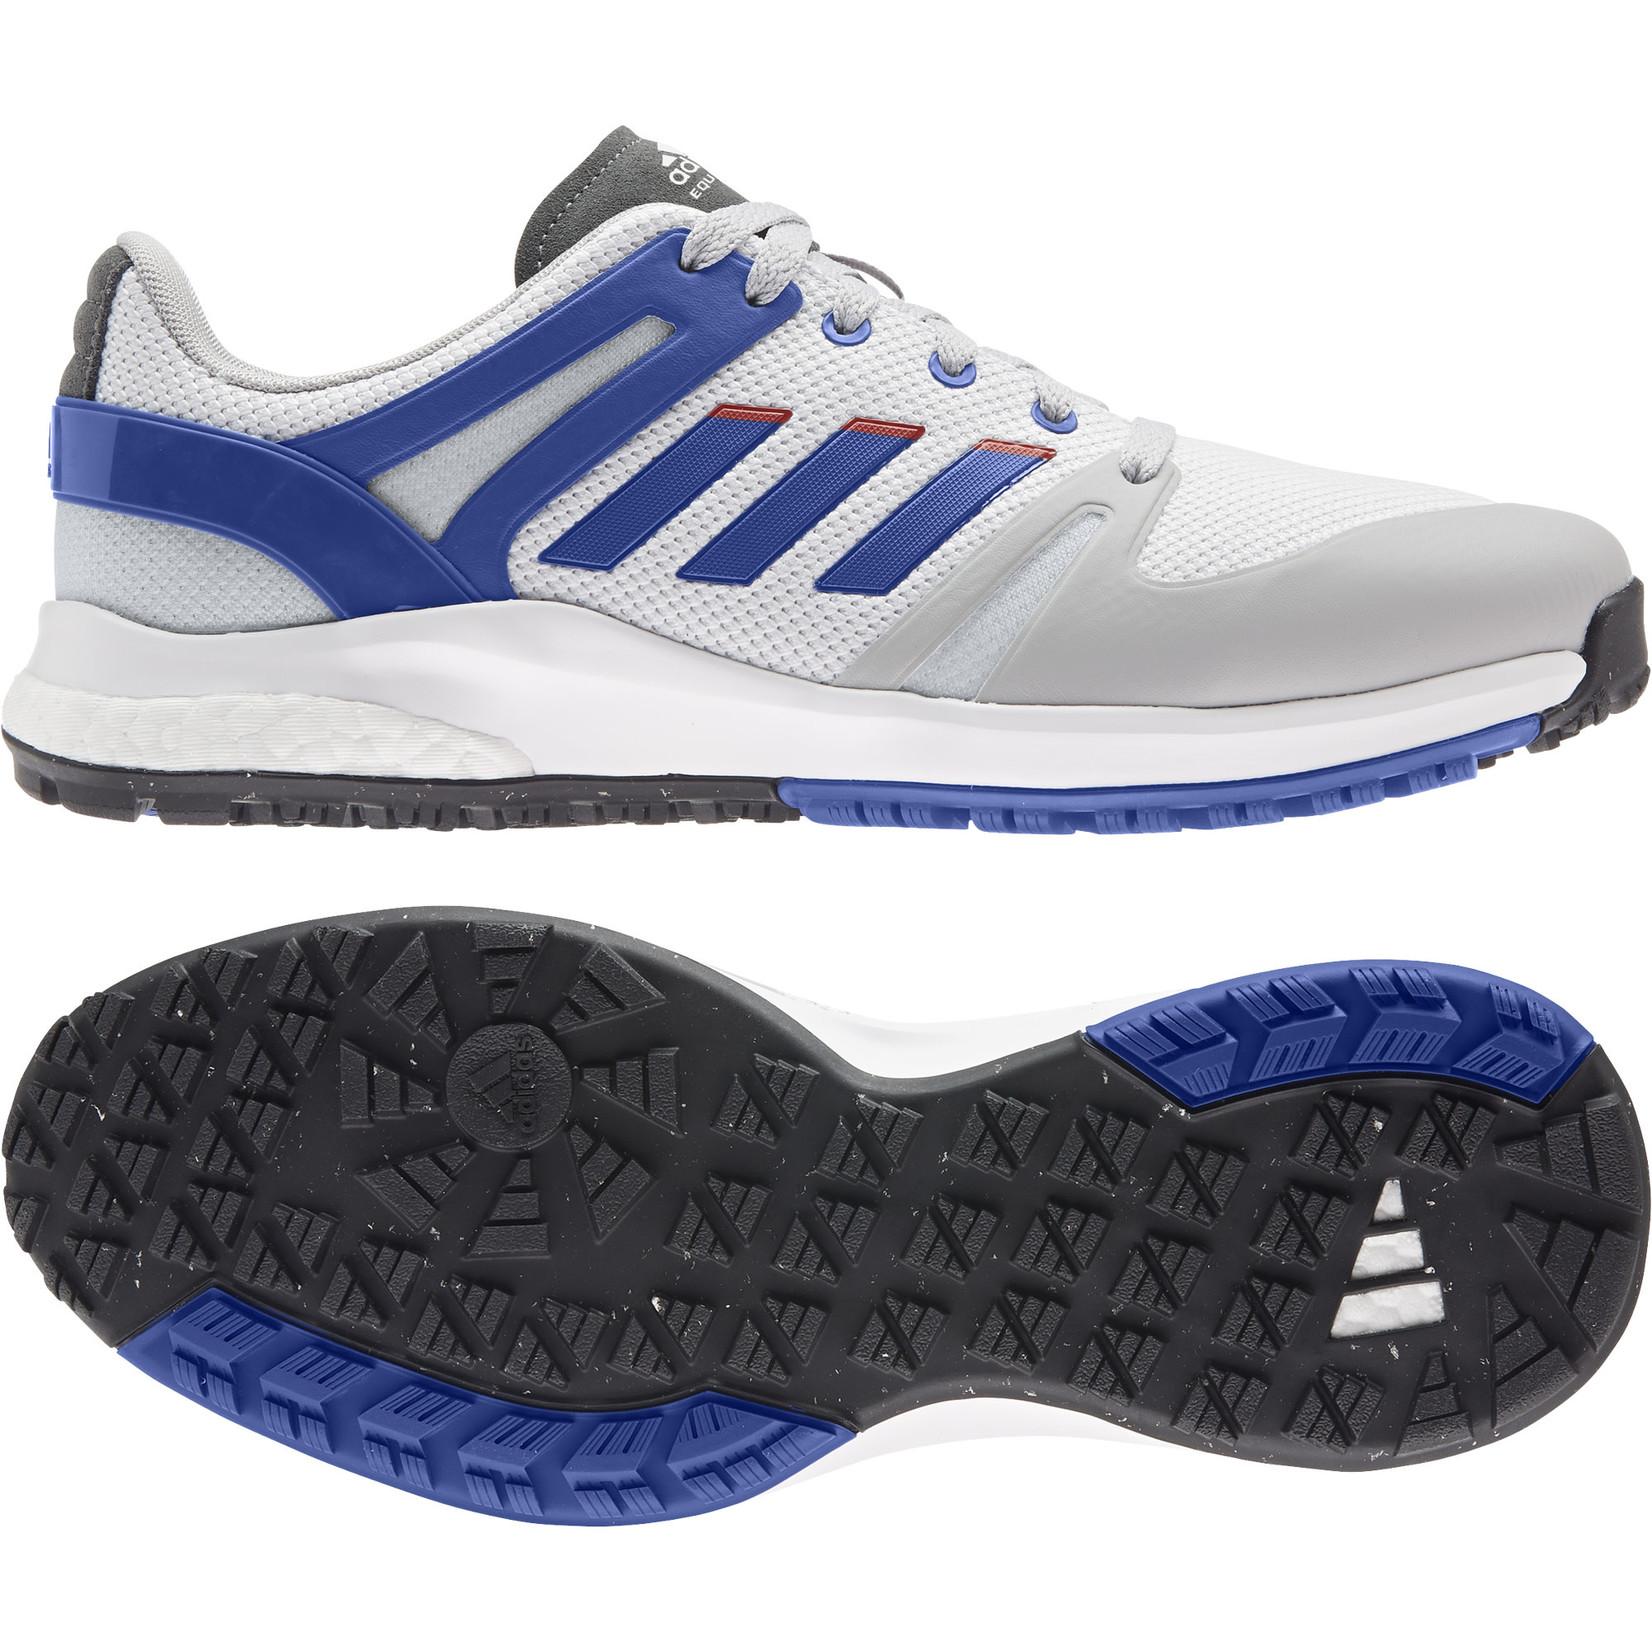 Adidas Adidas EQT SL WIDE white/royal/grey